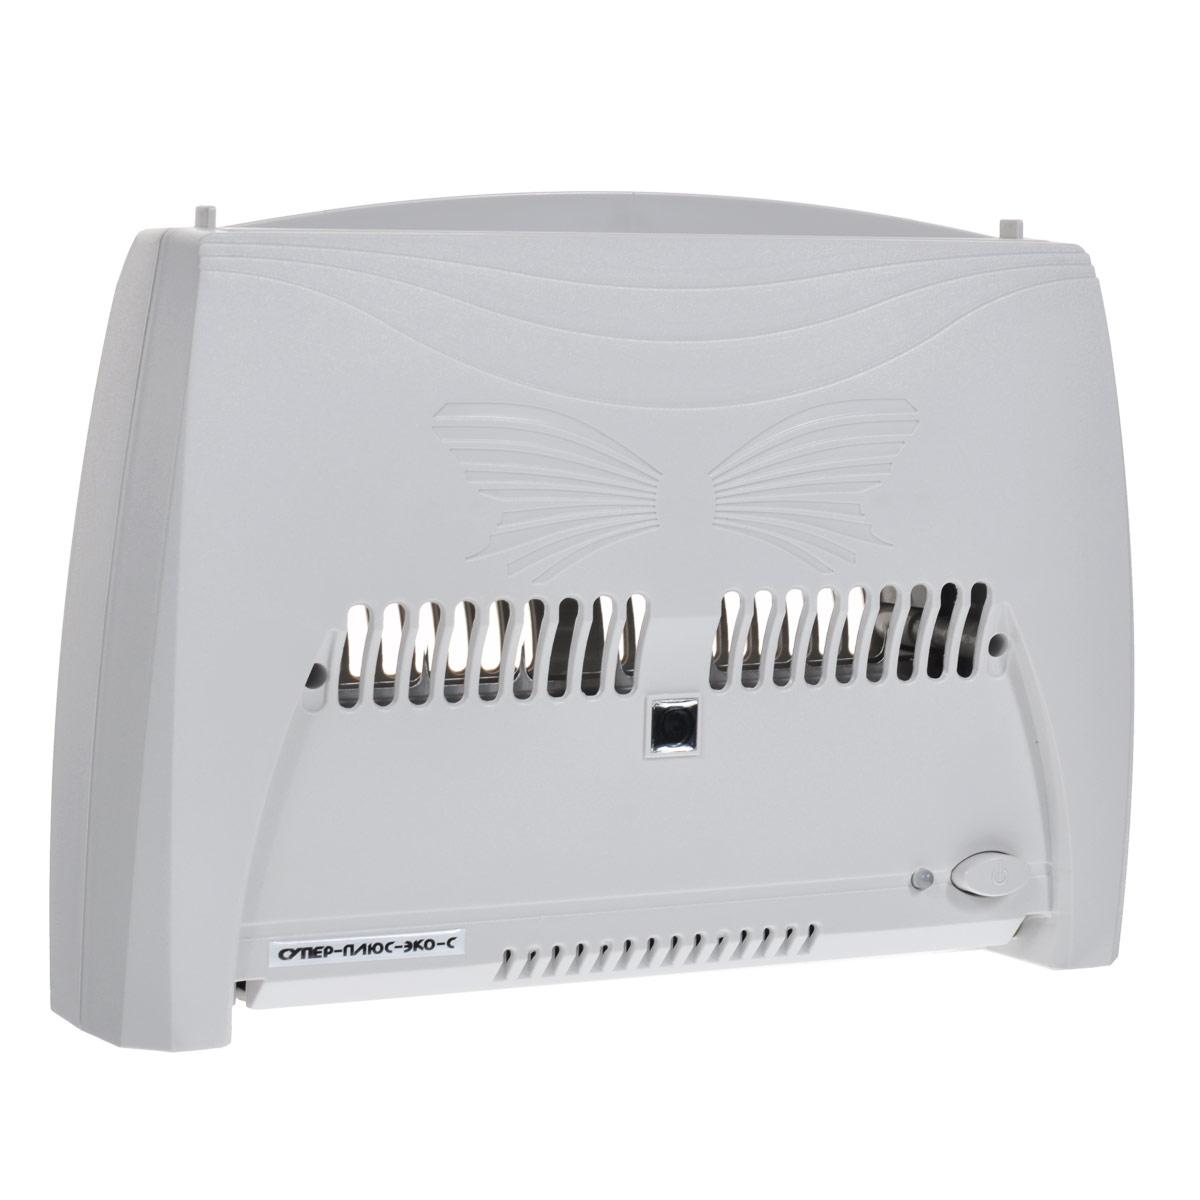 Супер Плюс Эко-С очиститель-ионизатор воздуха1920Прибор Супер Плюс Эко-С состоит из двух основных частей: корпуса и кассеты. Кассета вставляется в прибор сверху. Электронная система информирует о необходимости помыть кассету отключением прибора и миганием красного индикатора. Работа прибора Супер Плюс Эко-С основана на принципе ионного ветра, который возникает в результате коронного разряда и обеспечивает движение воздуха через кассету прибора. Частицы пыли и аэрозоля, находящиеся в воздухе и невидимые невооруженным глазом, прокачиваются вместе с воздухом через кассету, ионизируются, т.е. приобретают электрический заряд, и под действием электростатического поля прилипают к пластинам, расположенным внутри кассеты. Воздух, проходящий через кассету, также обогащается озоном. Но количество озона, которое образуется в зоне коронного разряда, заметно меньше предельно допустимой концентрации (ПДК). И все же его достаточно для того, чтобы в помещении, в котором работает прибор, уничтожались...